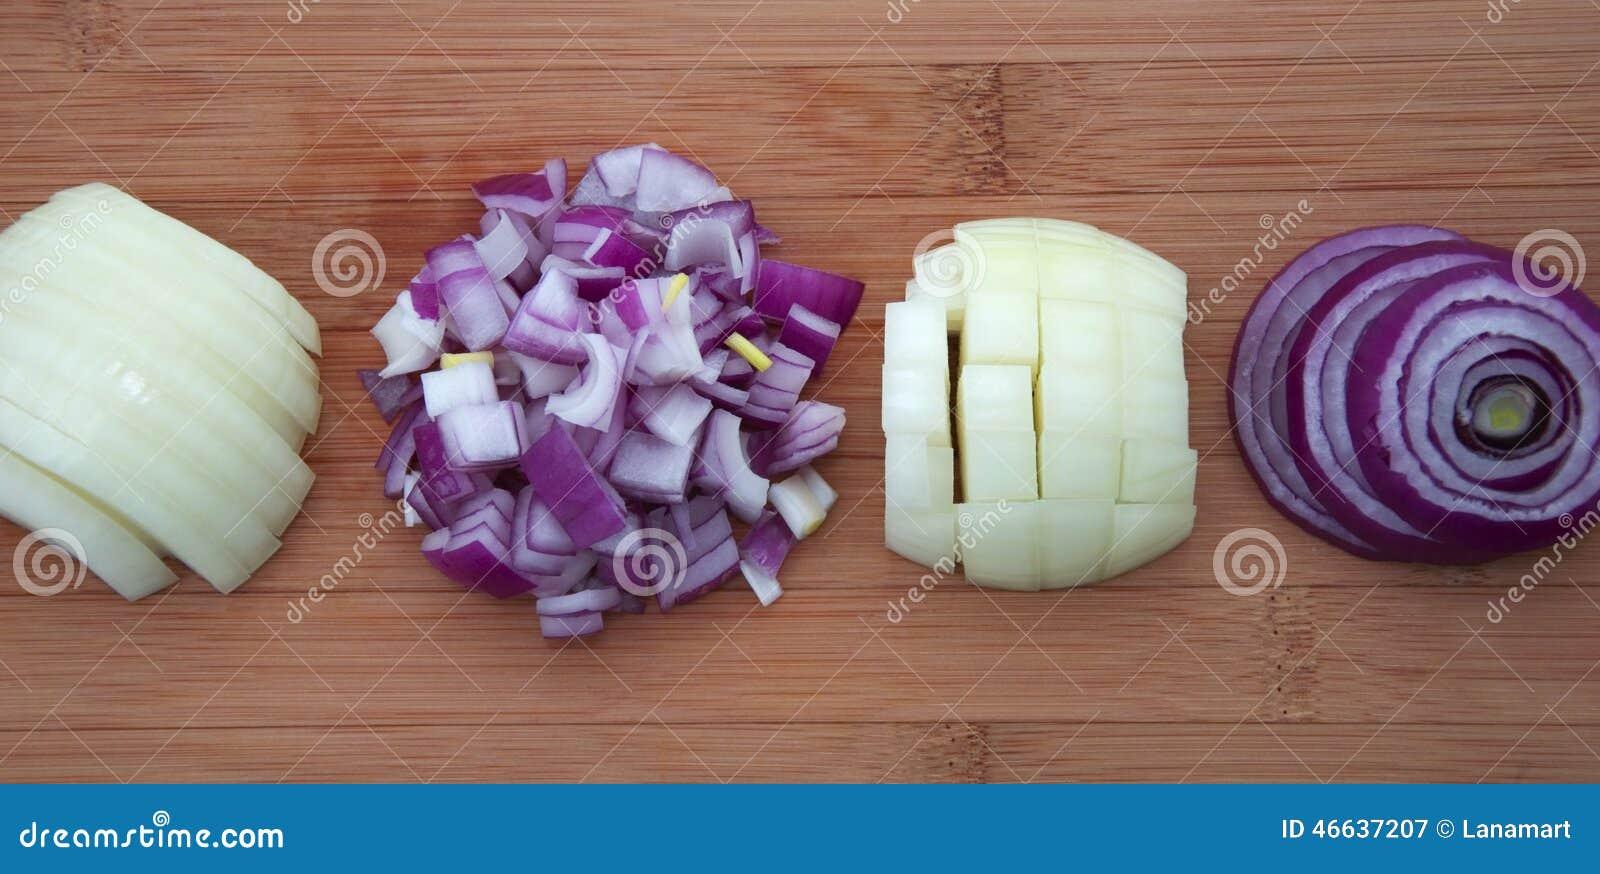 how to cut an onion tasty